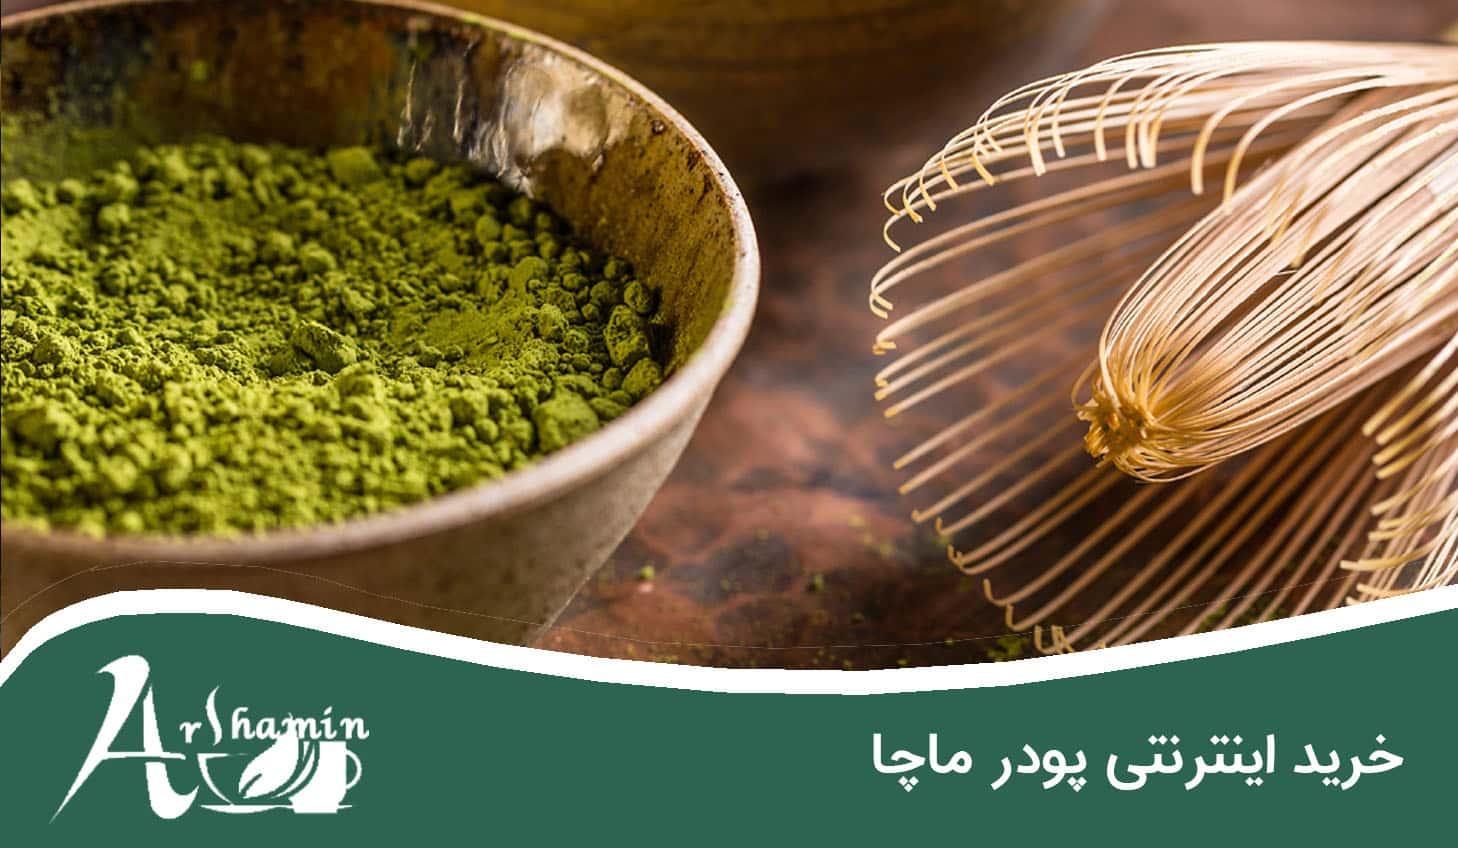 خرید اینترنتی پودر چای ماچا